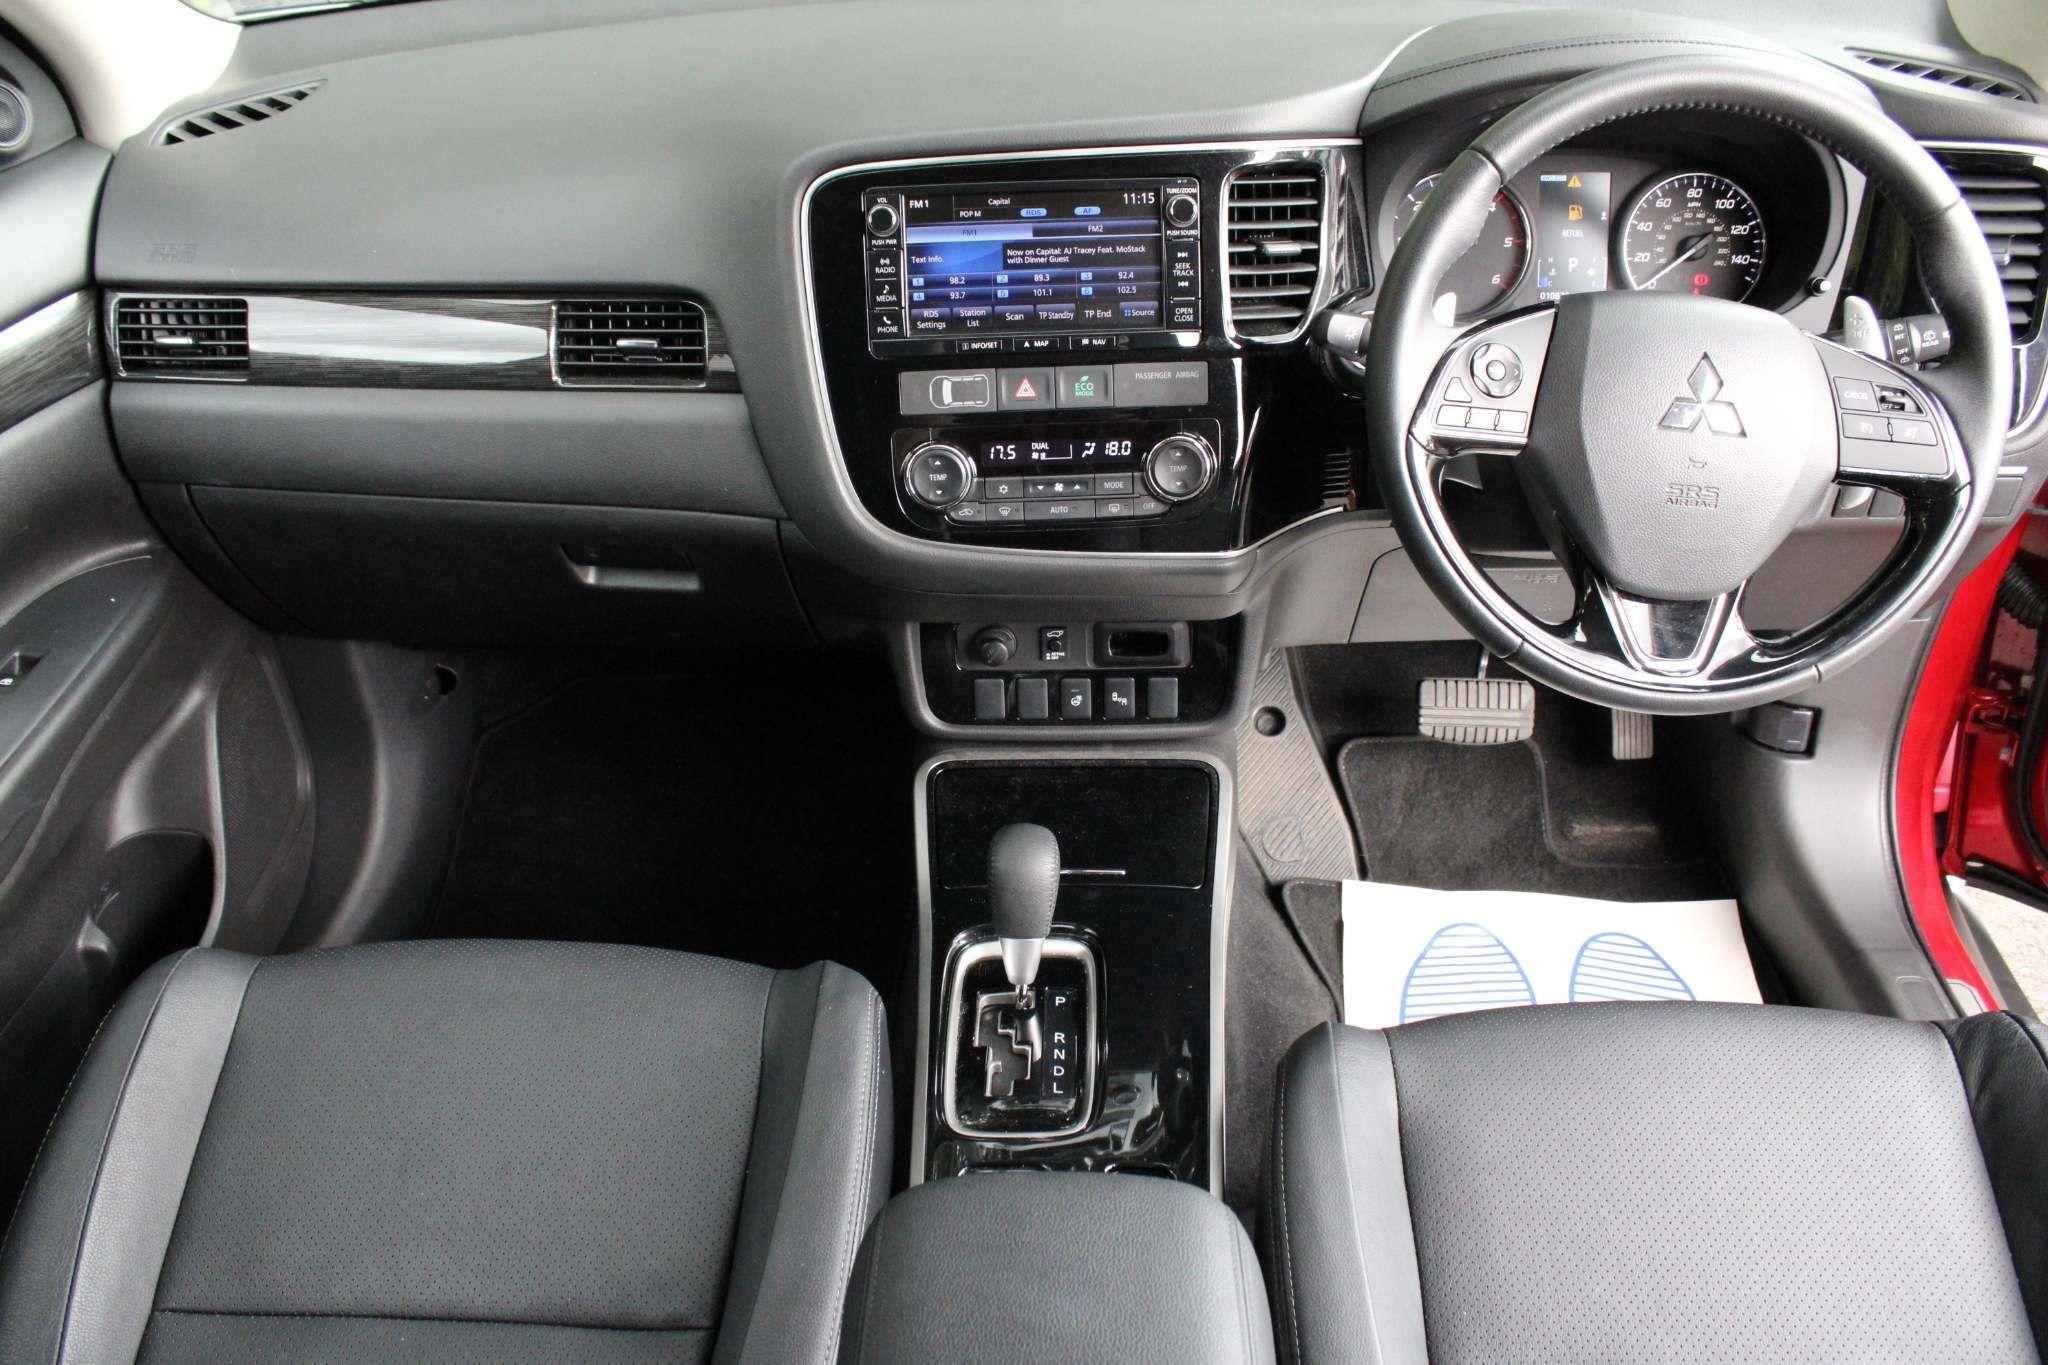 Mitsubishi Outlander 2.2 DI-D 4 Auto 4WD 5dr